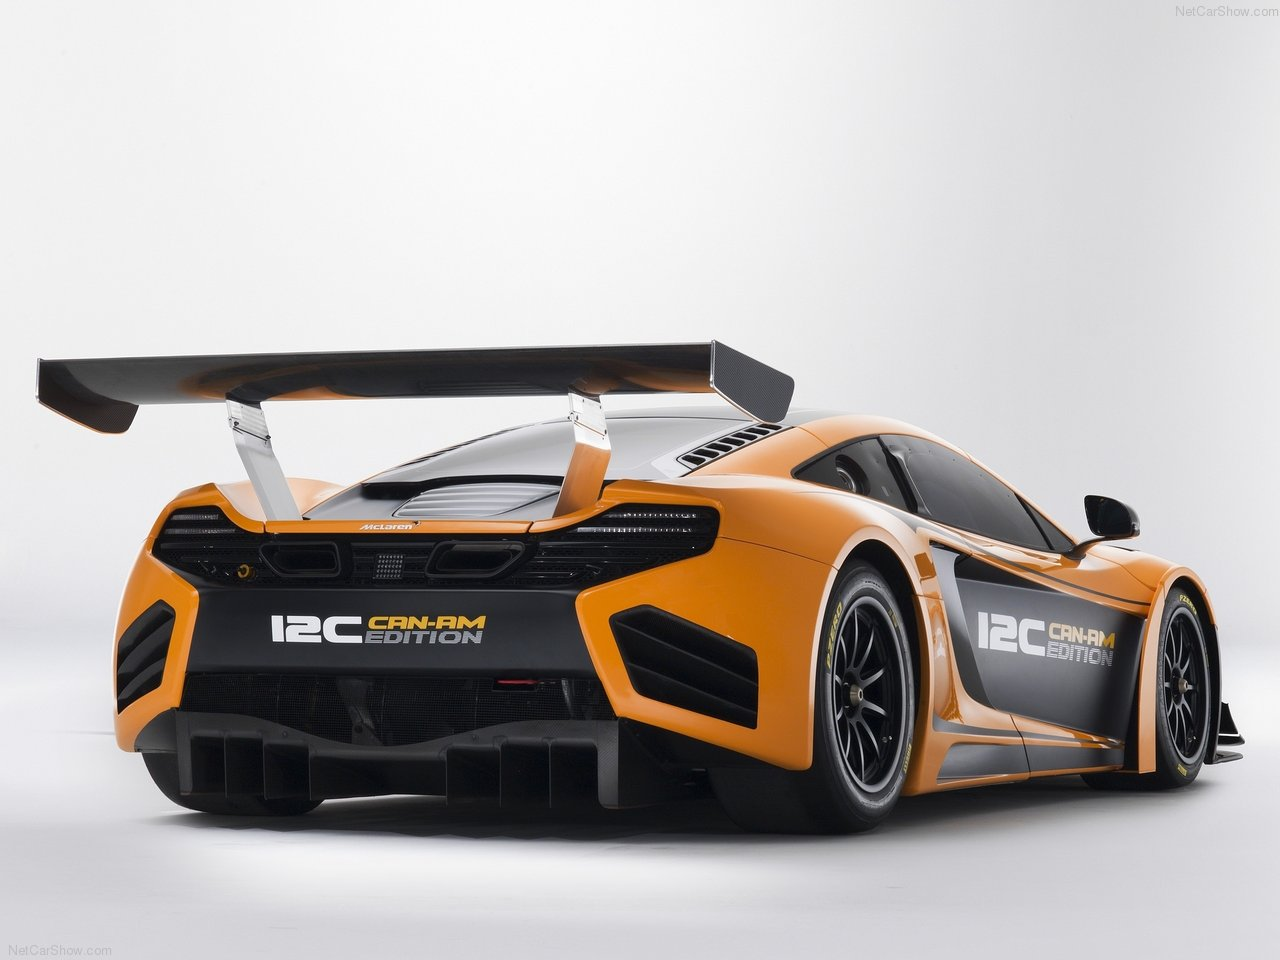 McLaren 12C Can Am Edition Concept 2012 McLaren-12C_Can-Am_Edition_Concept-2012-1280-06